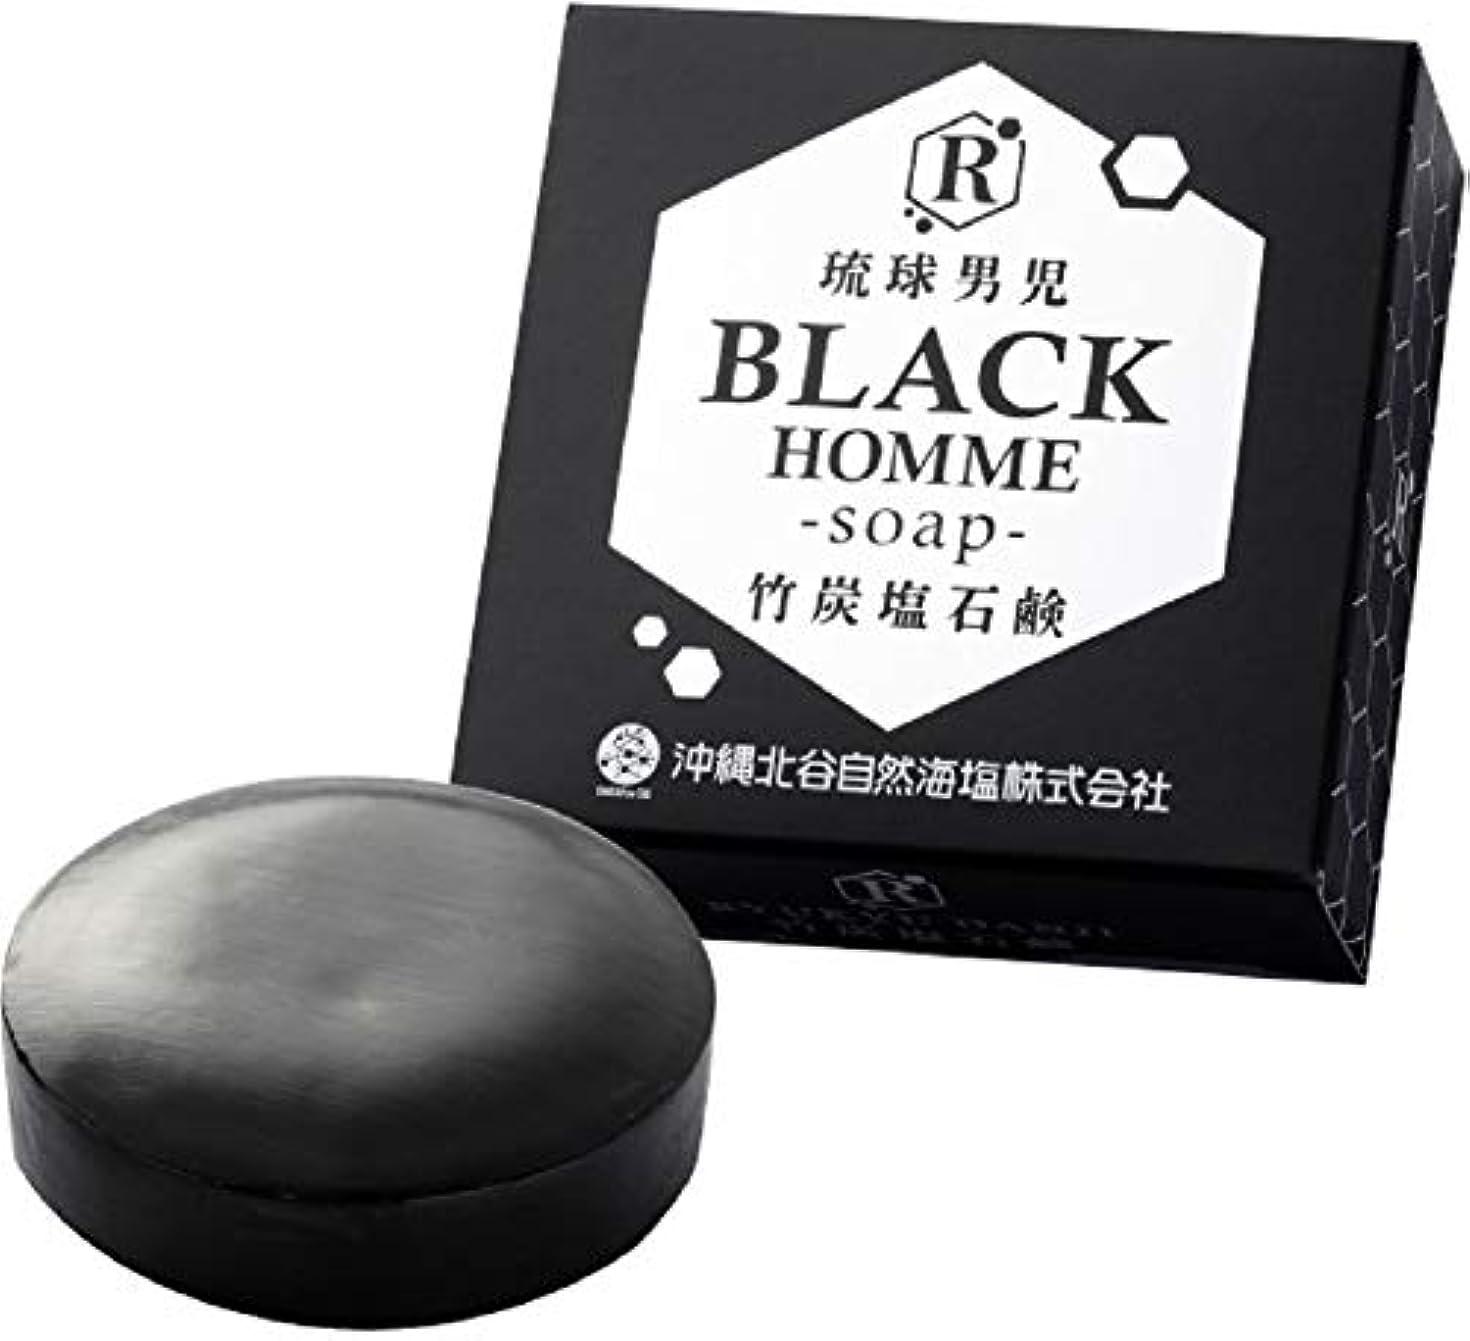 苦楽観牽引【3個セット】琉球男児 竹炭塩石鹸 BLACK HOMME-soap- 60g 泡立てネット付き